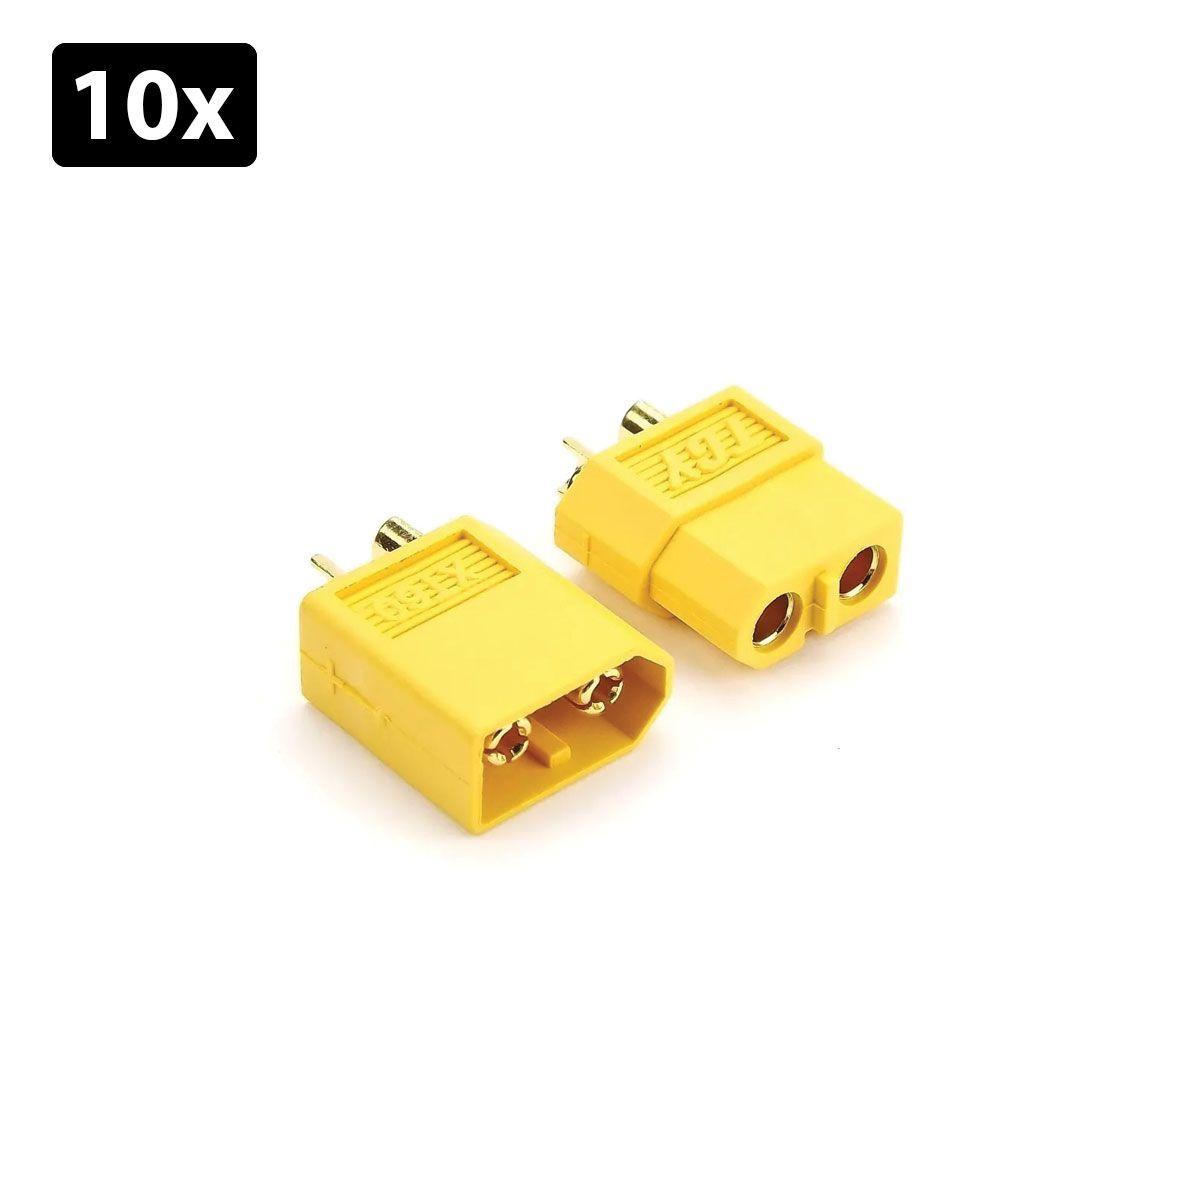 Kit com 10x Par de Conector XT 60 Macho e Fêmea | Conector Lipo